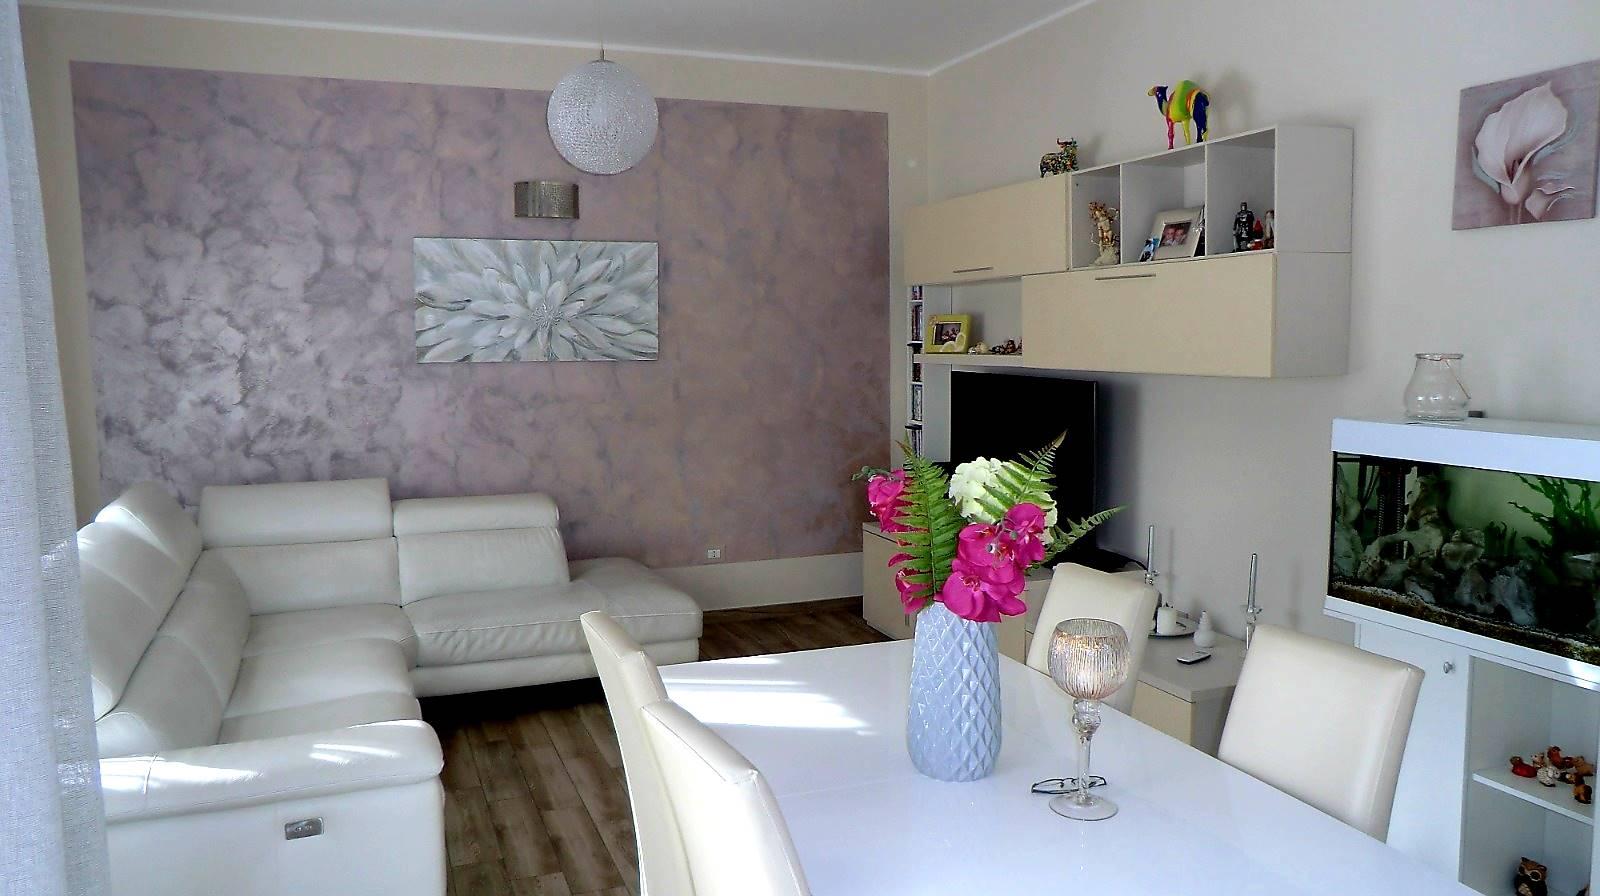 Appartamento in vendita a Spoleto, 5 locali, zona Località: CITTA', prezzo € 223.000 | CambioCasa.it